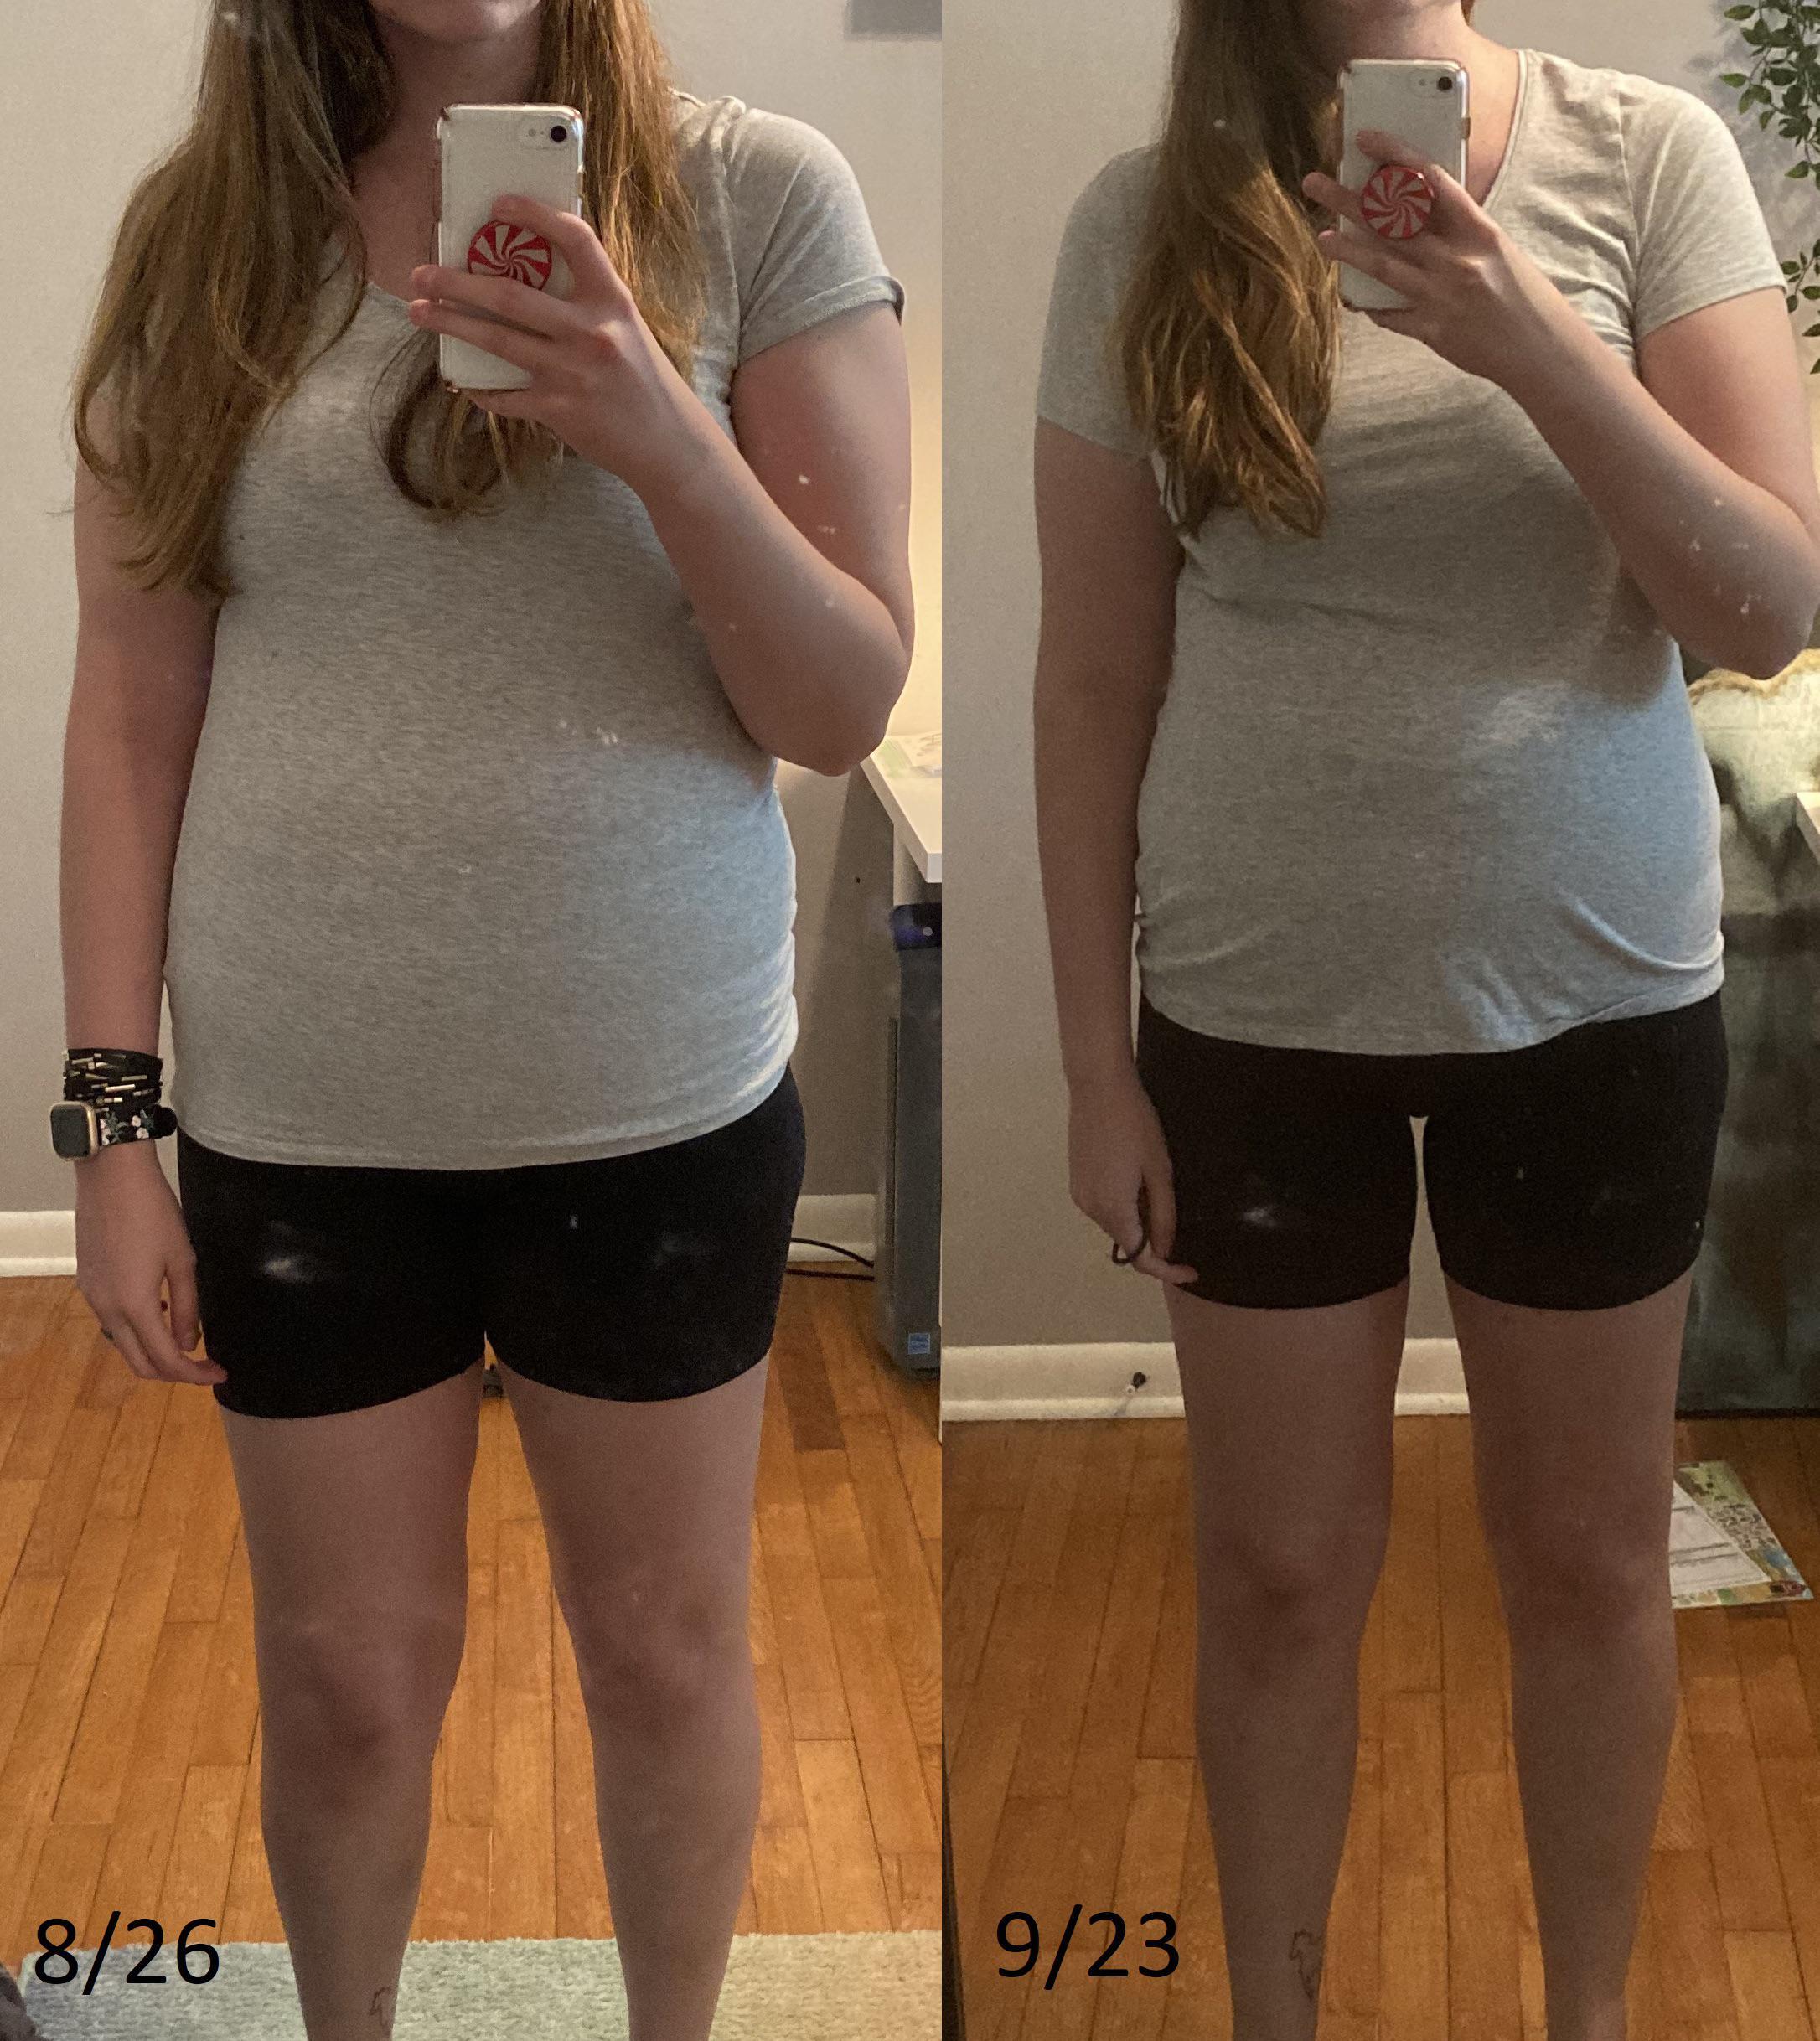 Progress Pics of 9 lbs Fat Loss 5 feet 10 Female 185 lbs to 176 lbs